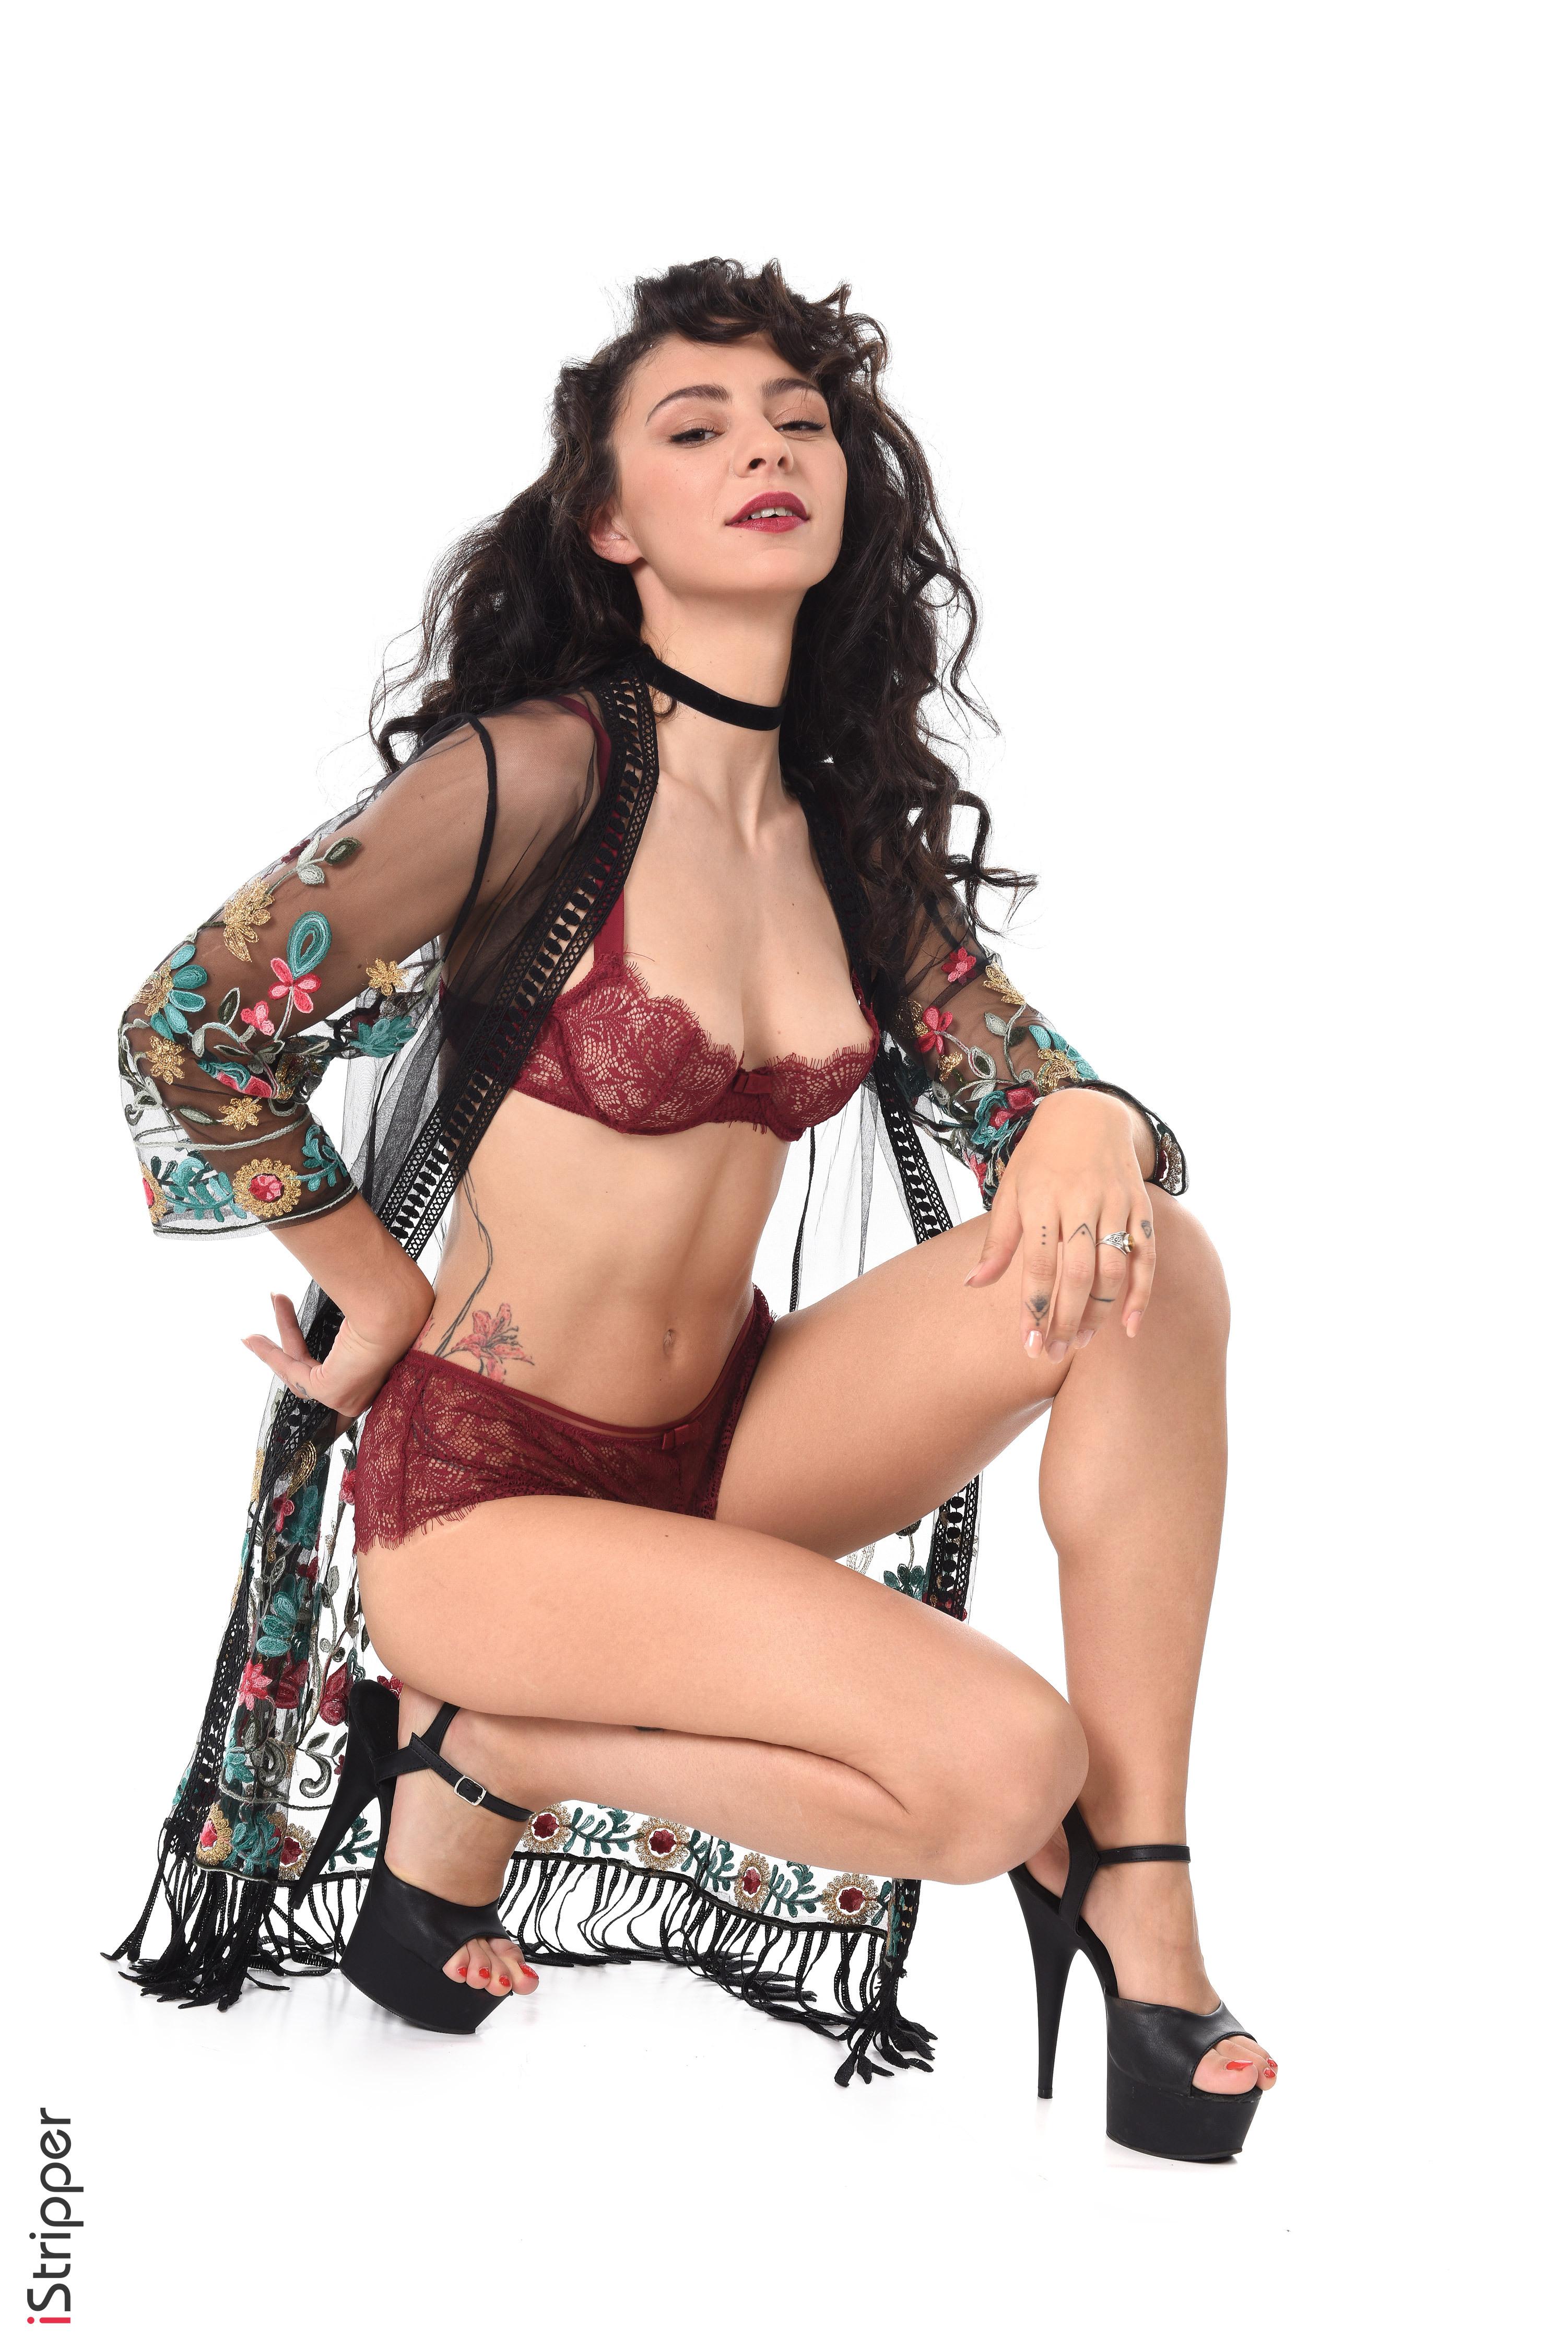 18yr old striptease sexy busty